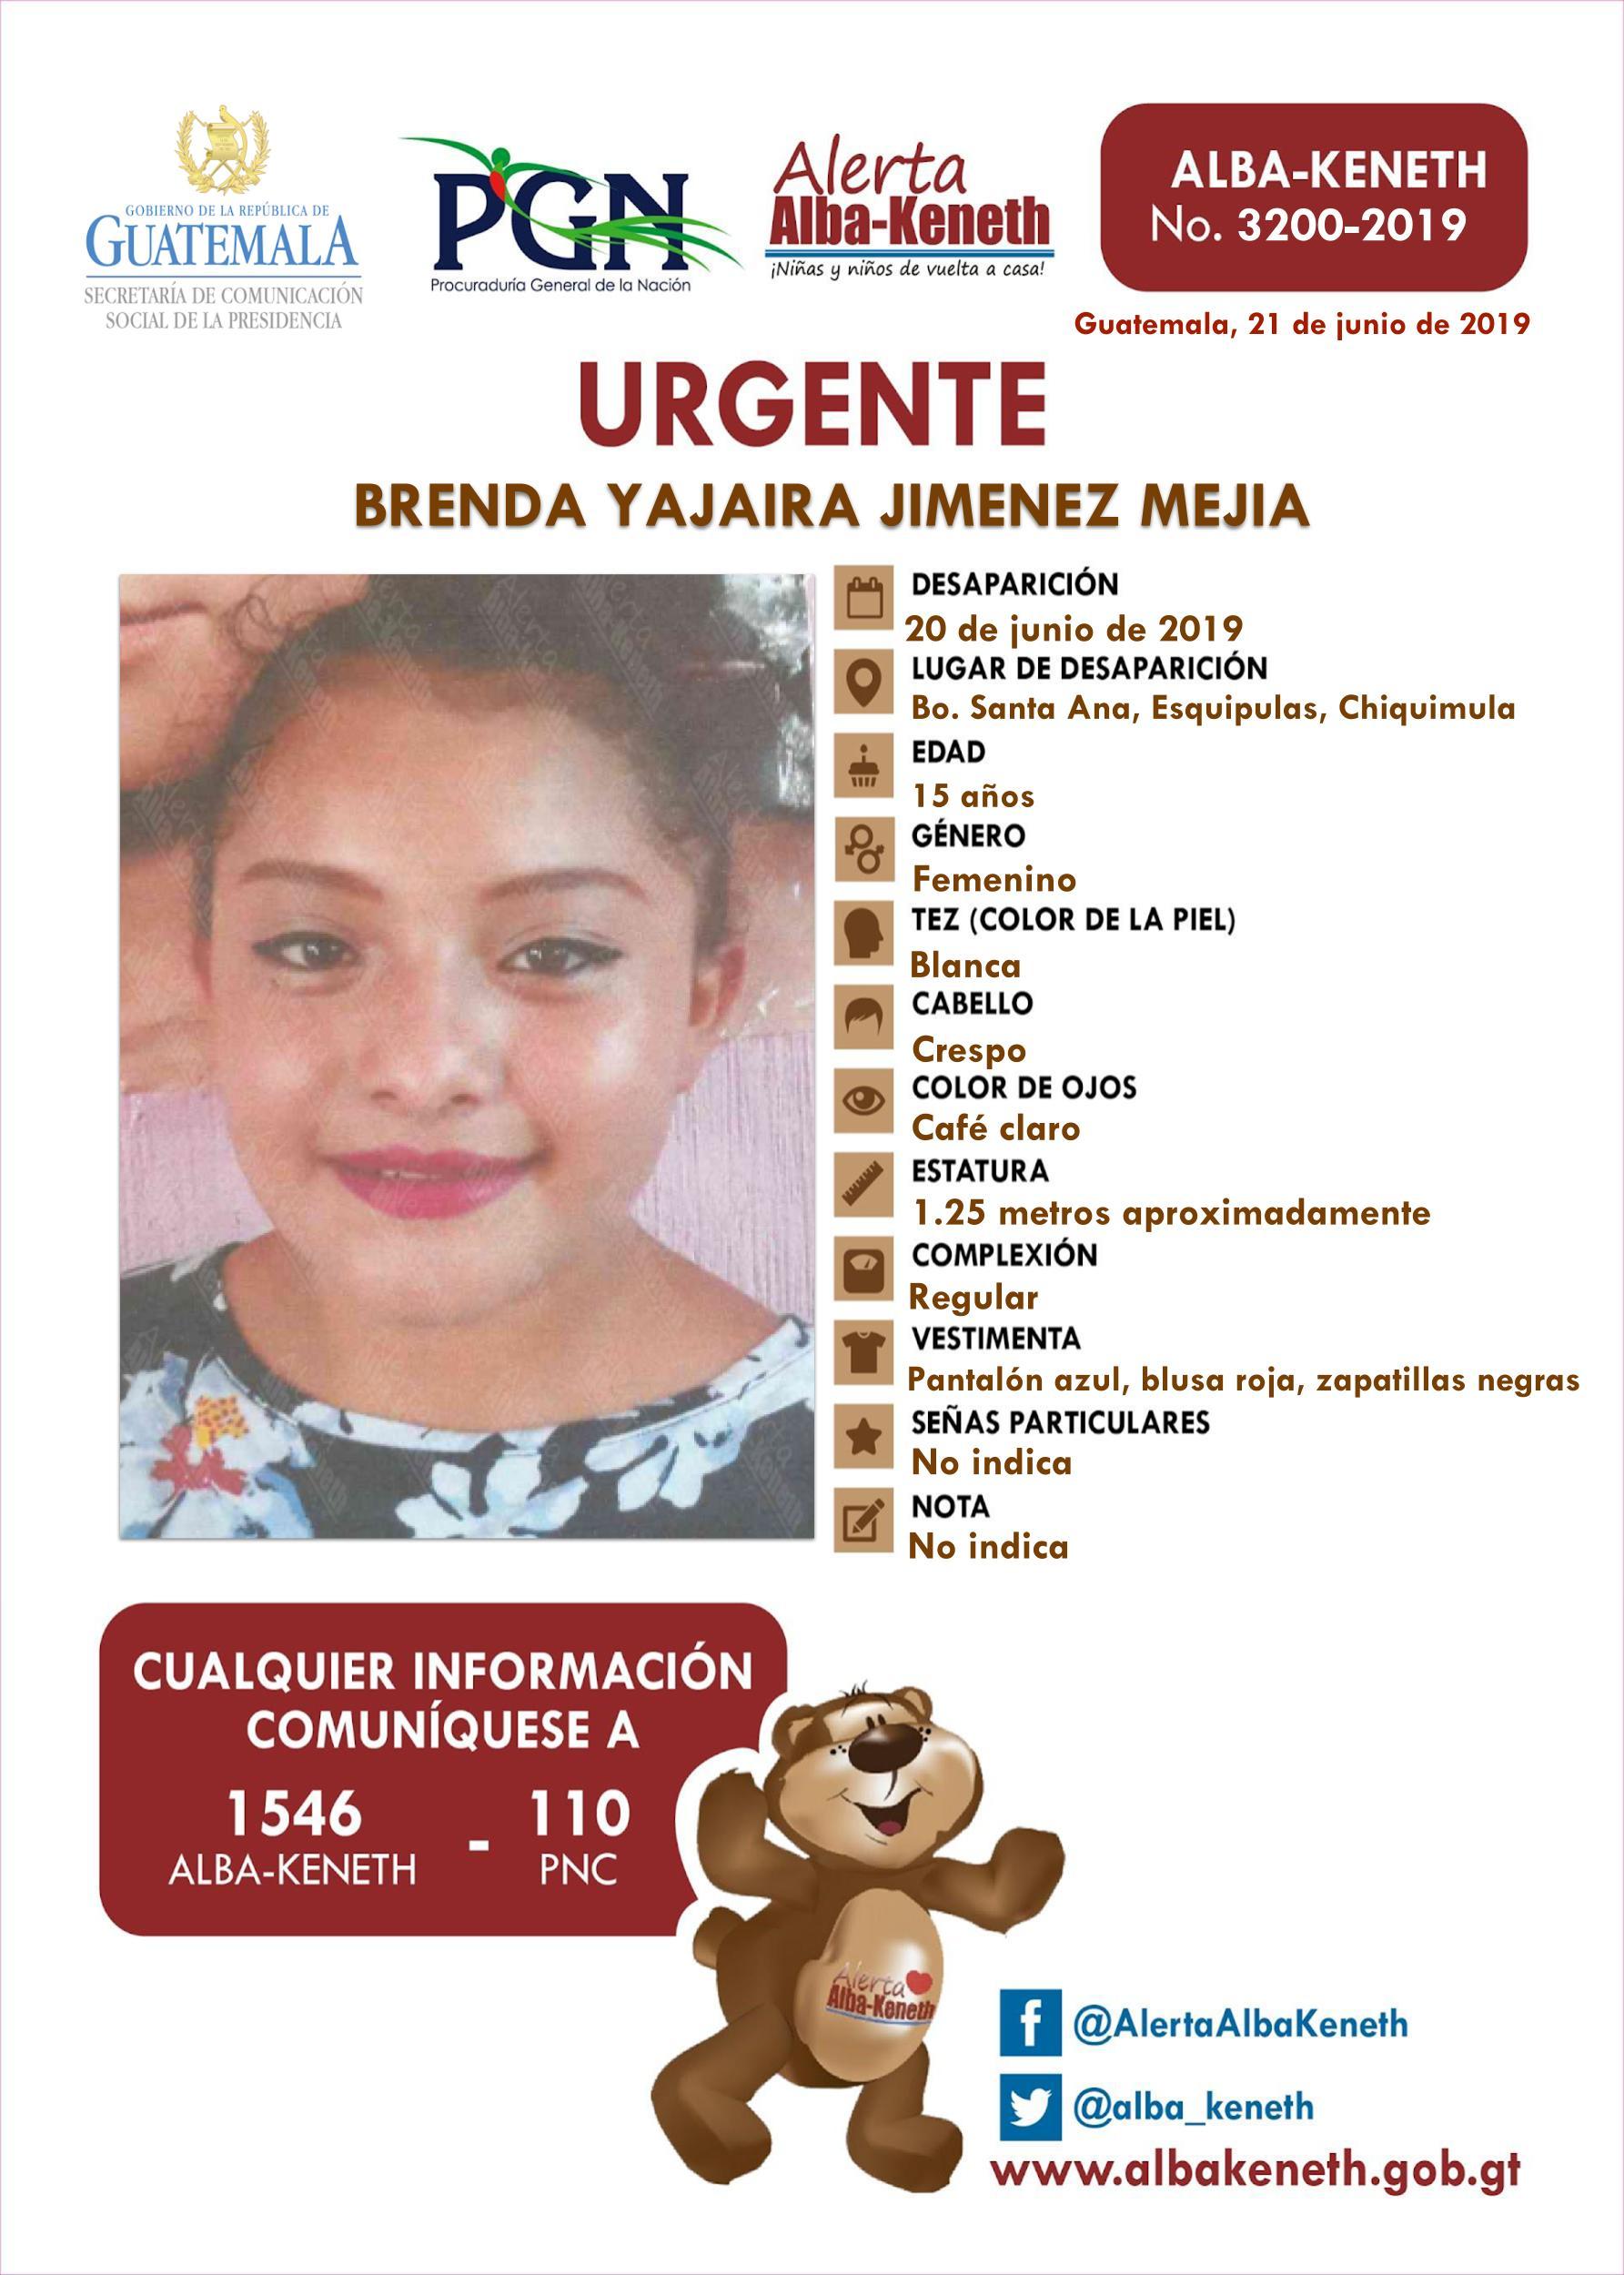 Brenda Yajaira Jimenez Mejia